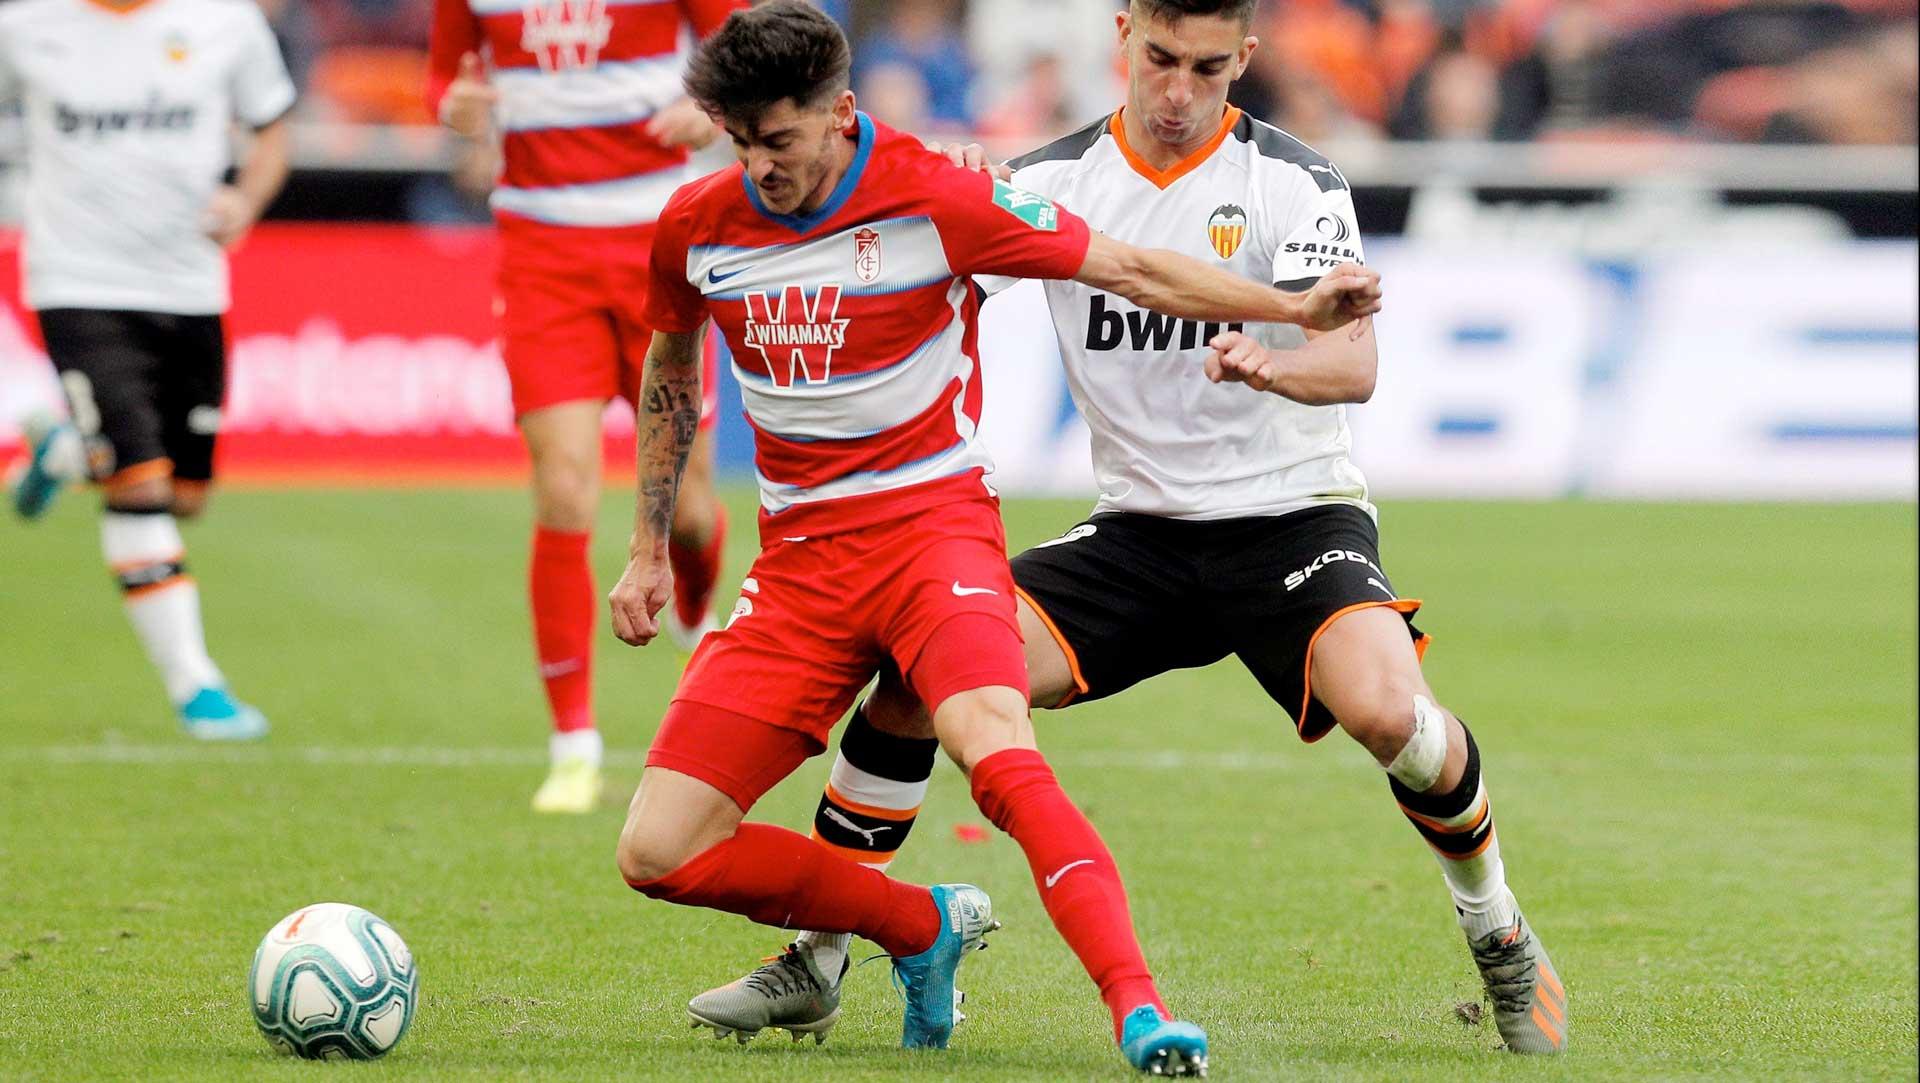 Neva (Granada CF) y Ferran Torres (Valencia CF) disputan un balón en el partido que enfrentó a ambos clubs en Mestalla.